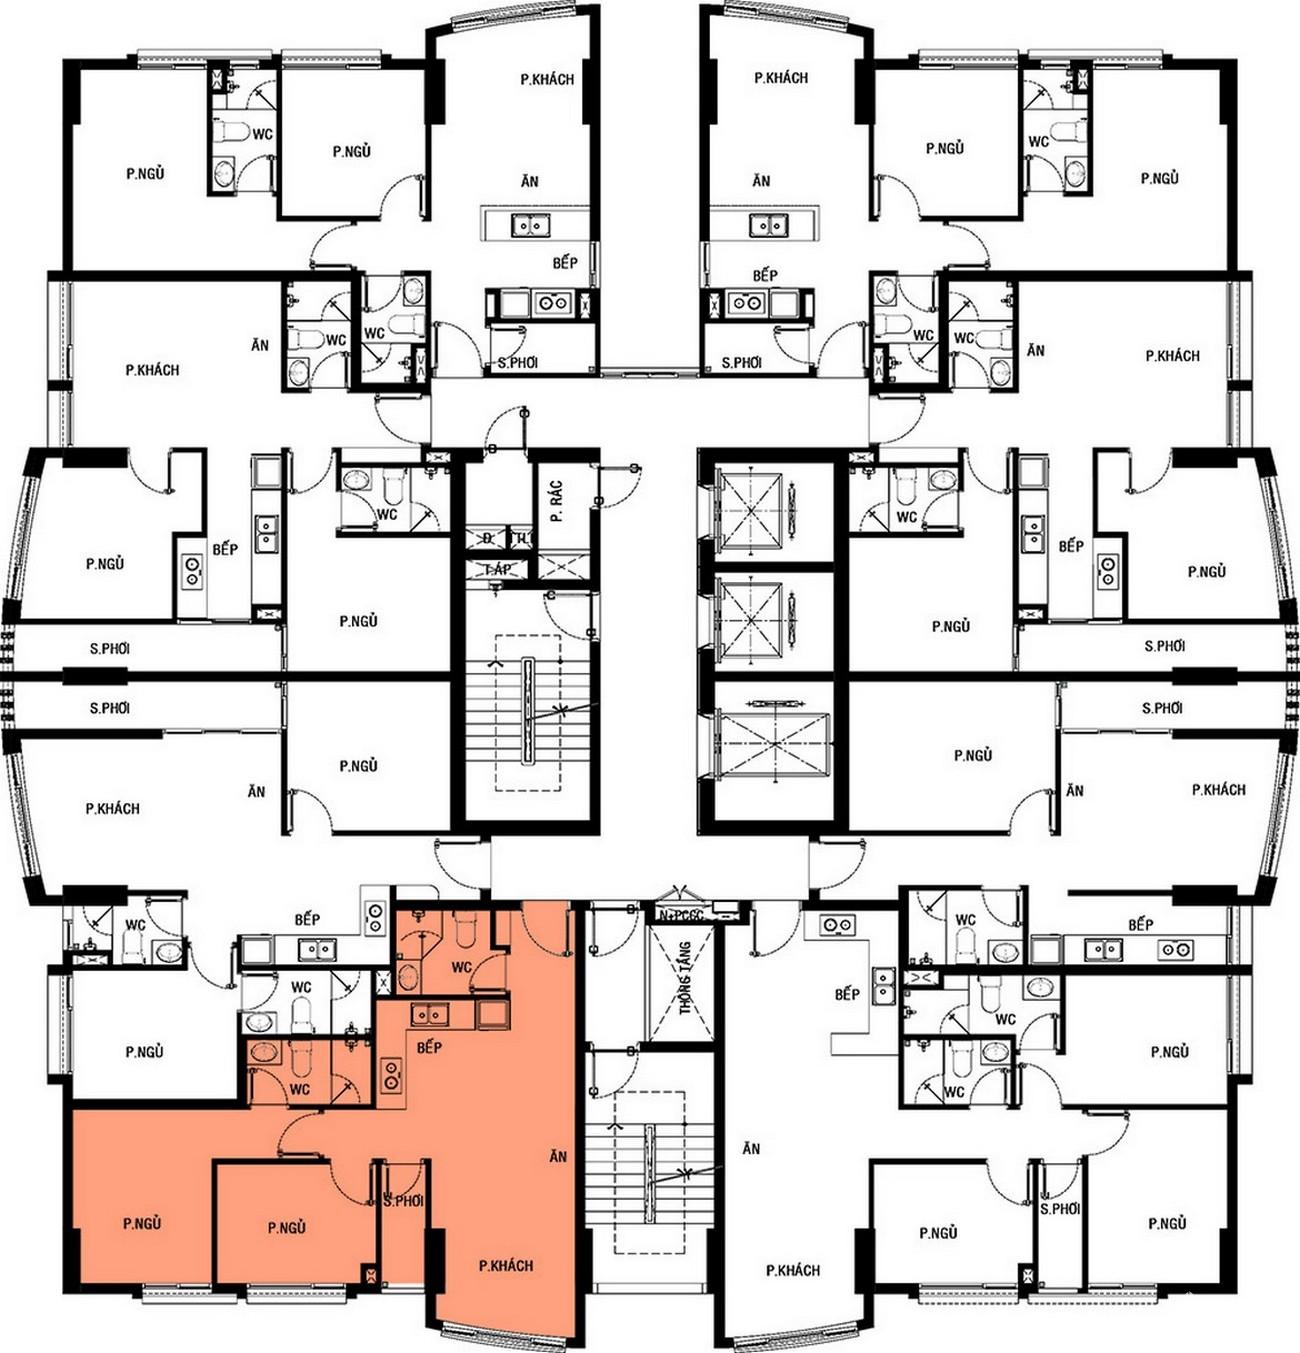 Mặt bằng dự án căn hộ chung cư Summer Square Quận 6 Đường Tân Hòa Đông chủ đầu tư Gotec Land